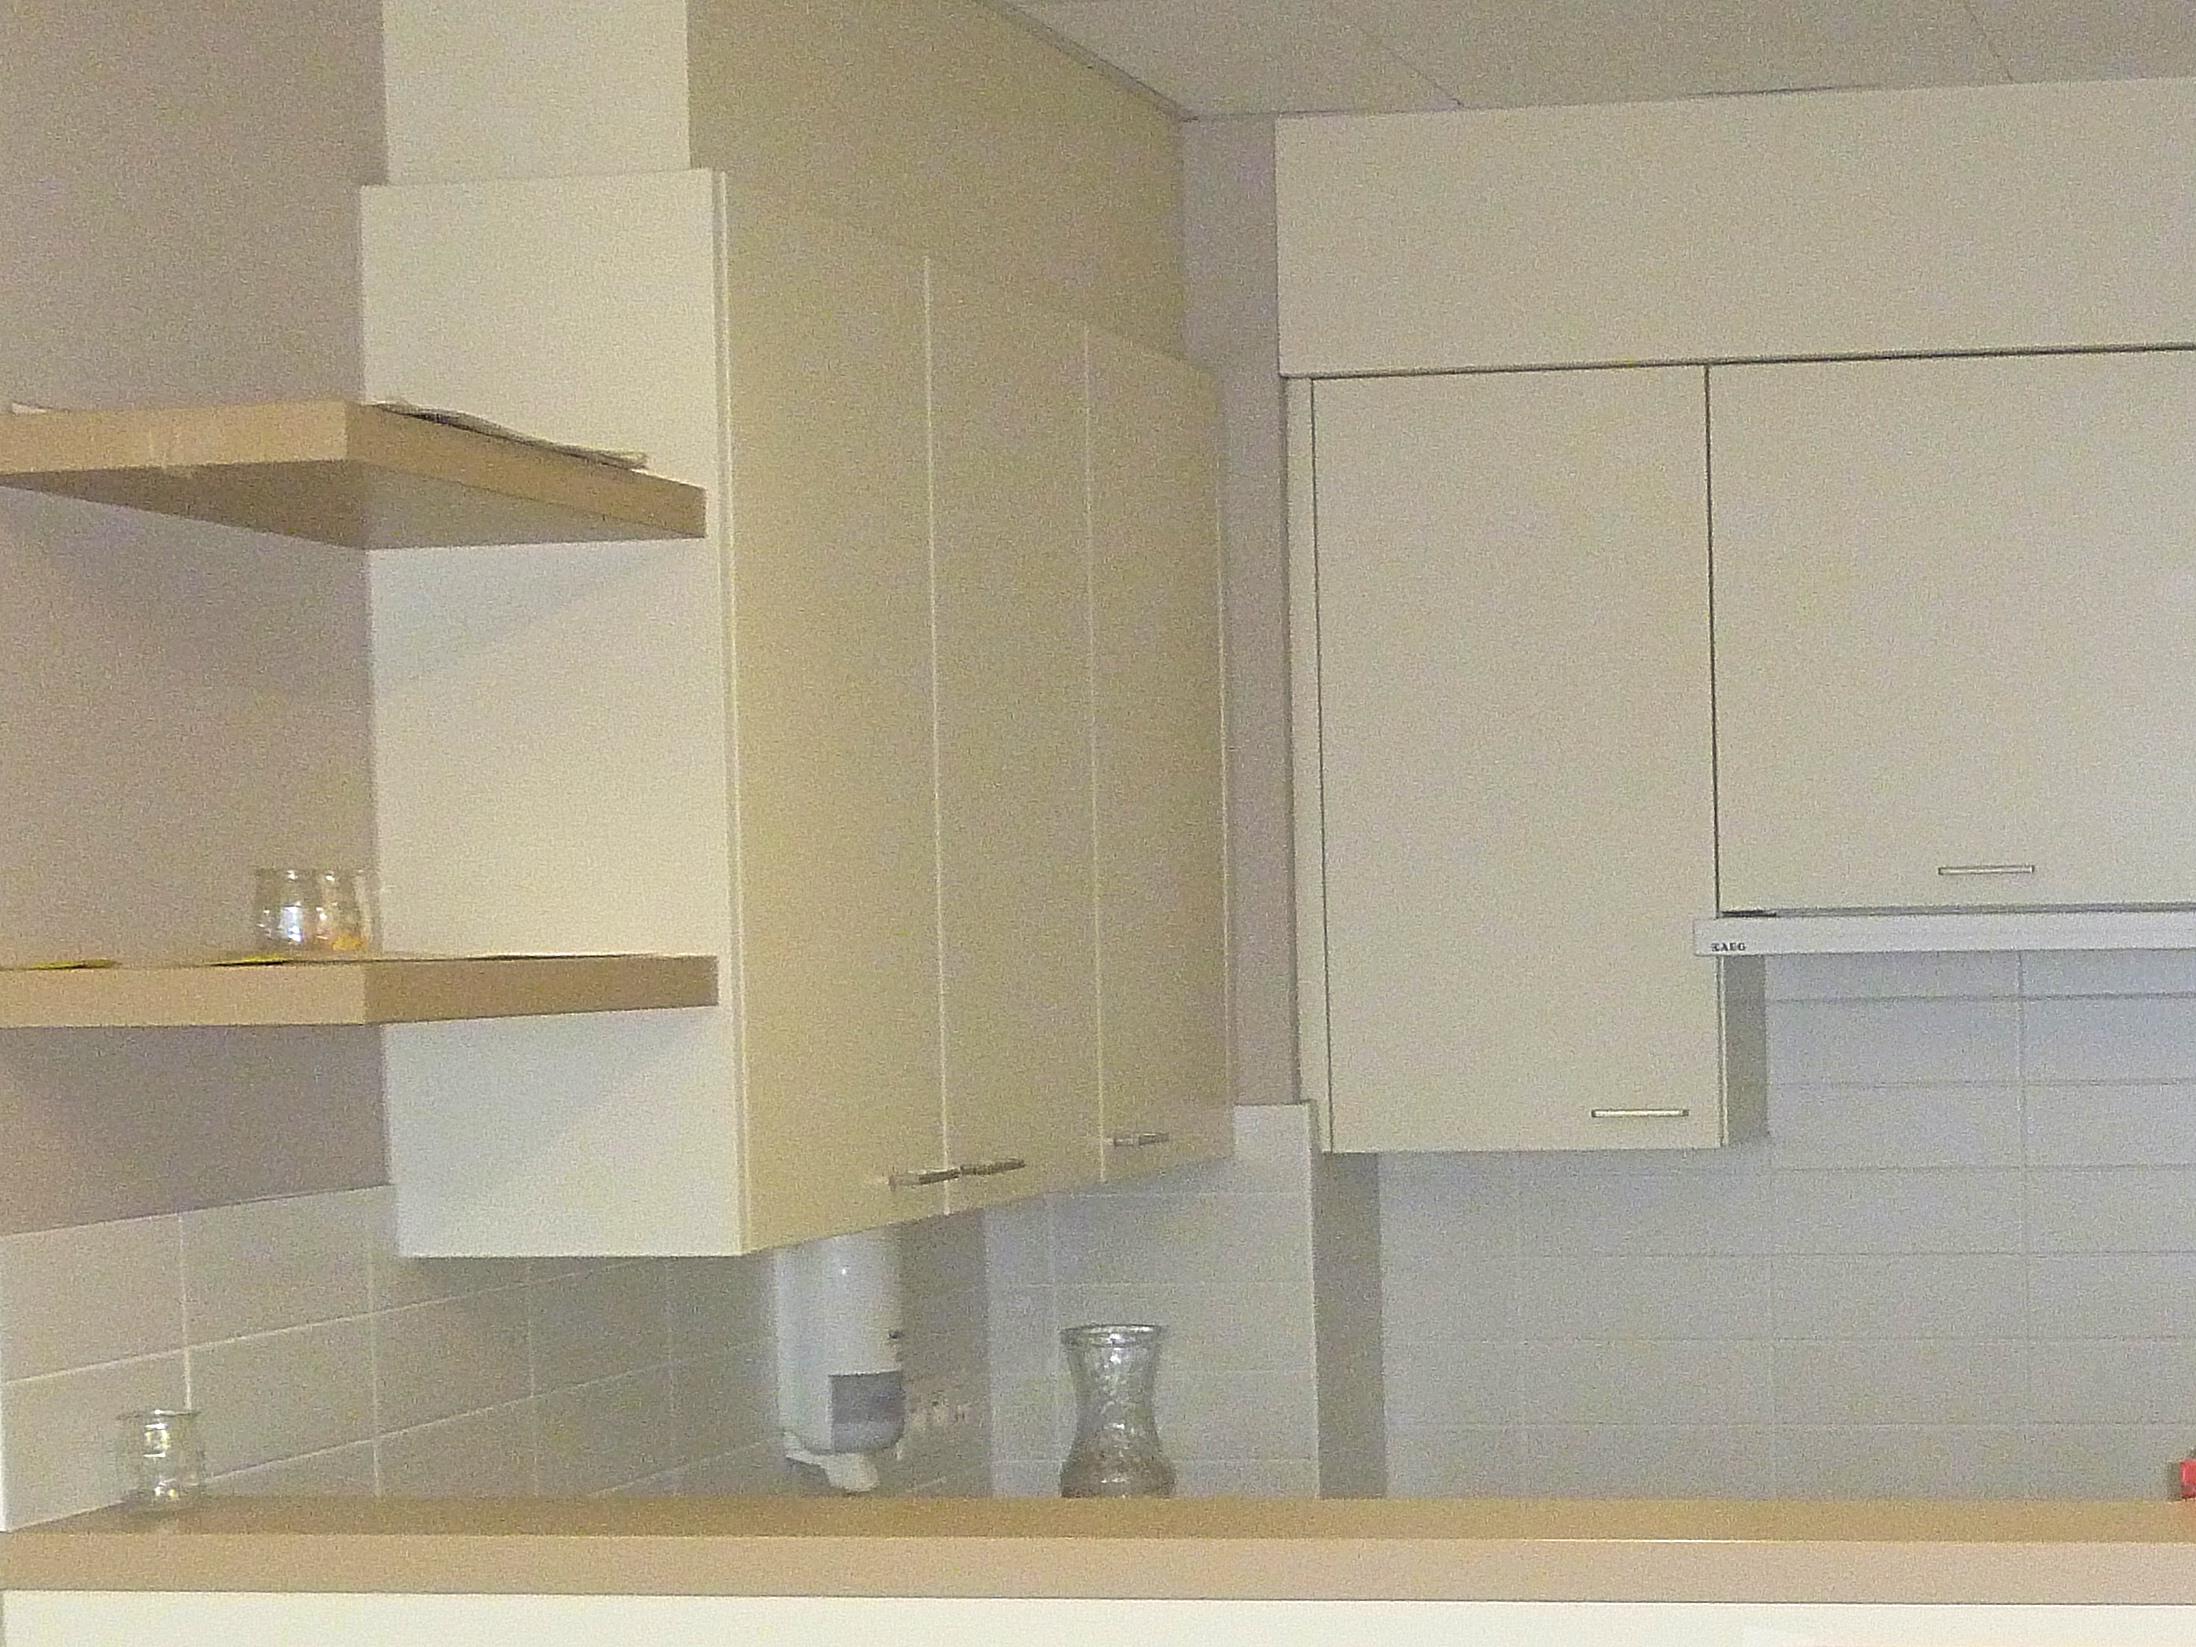 Keuken_geel_detail